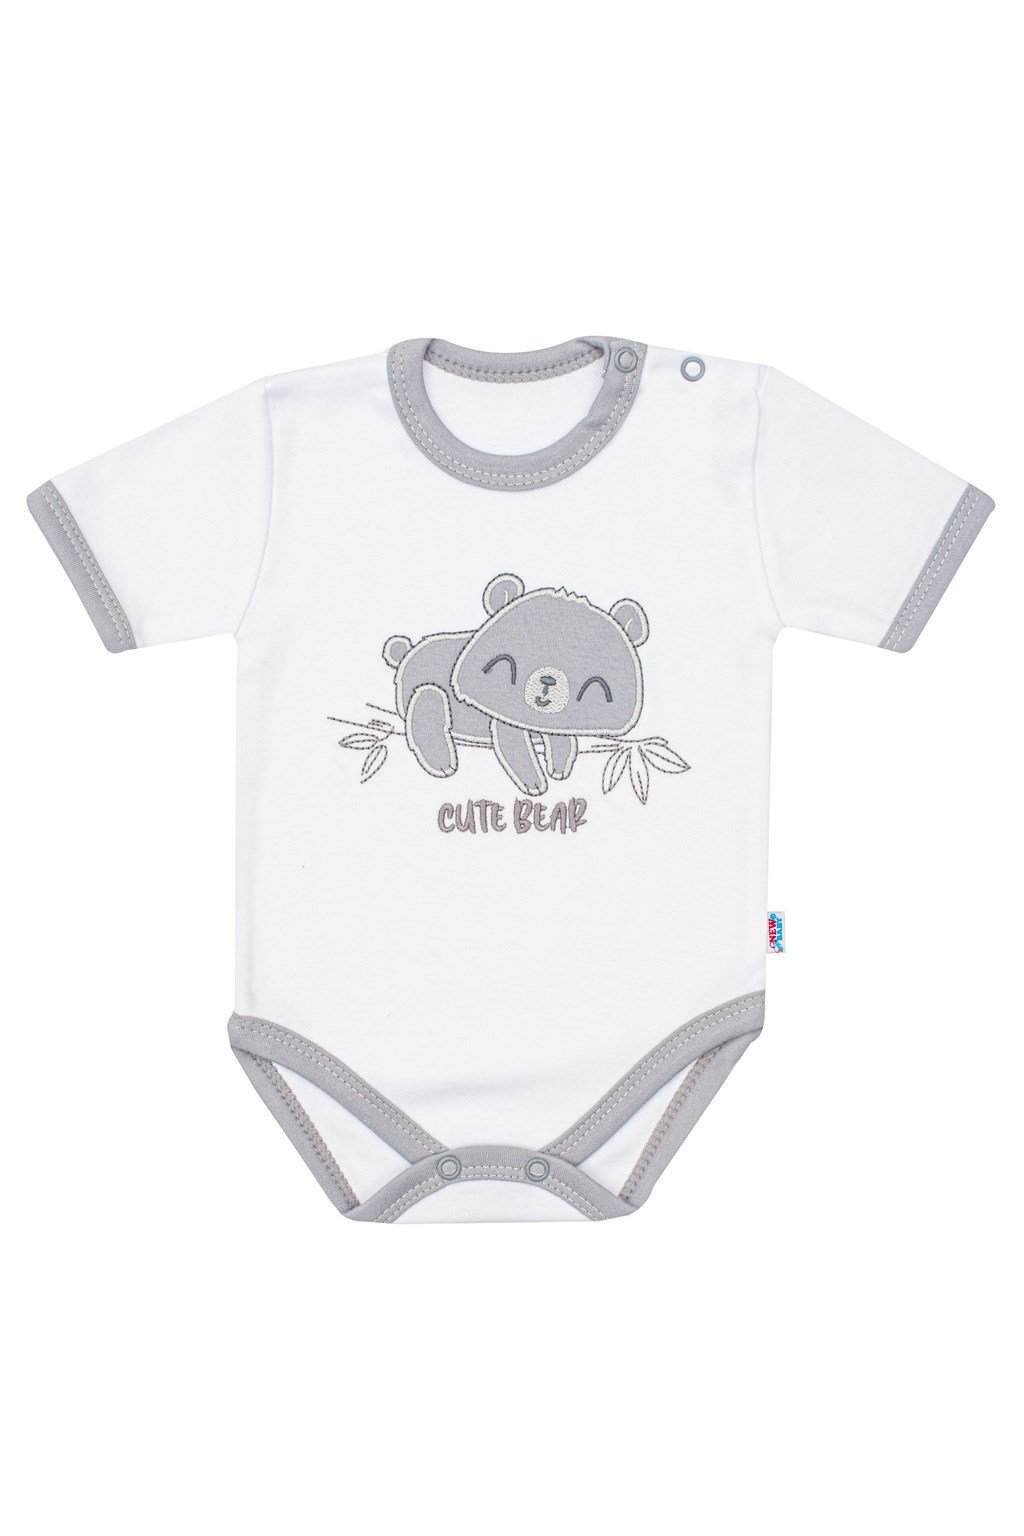 Dojčenské bavlnené body s krátkym rukávom New Baby Cute Bear